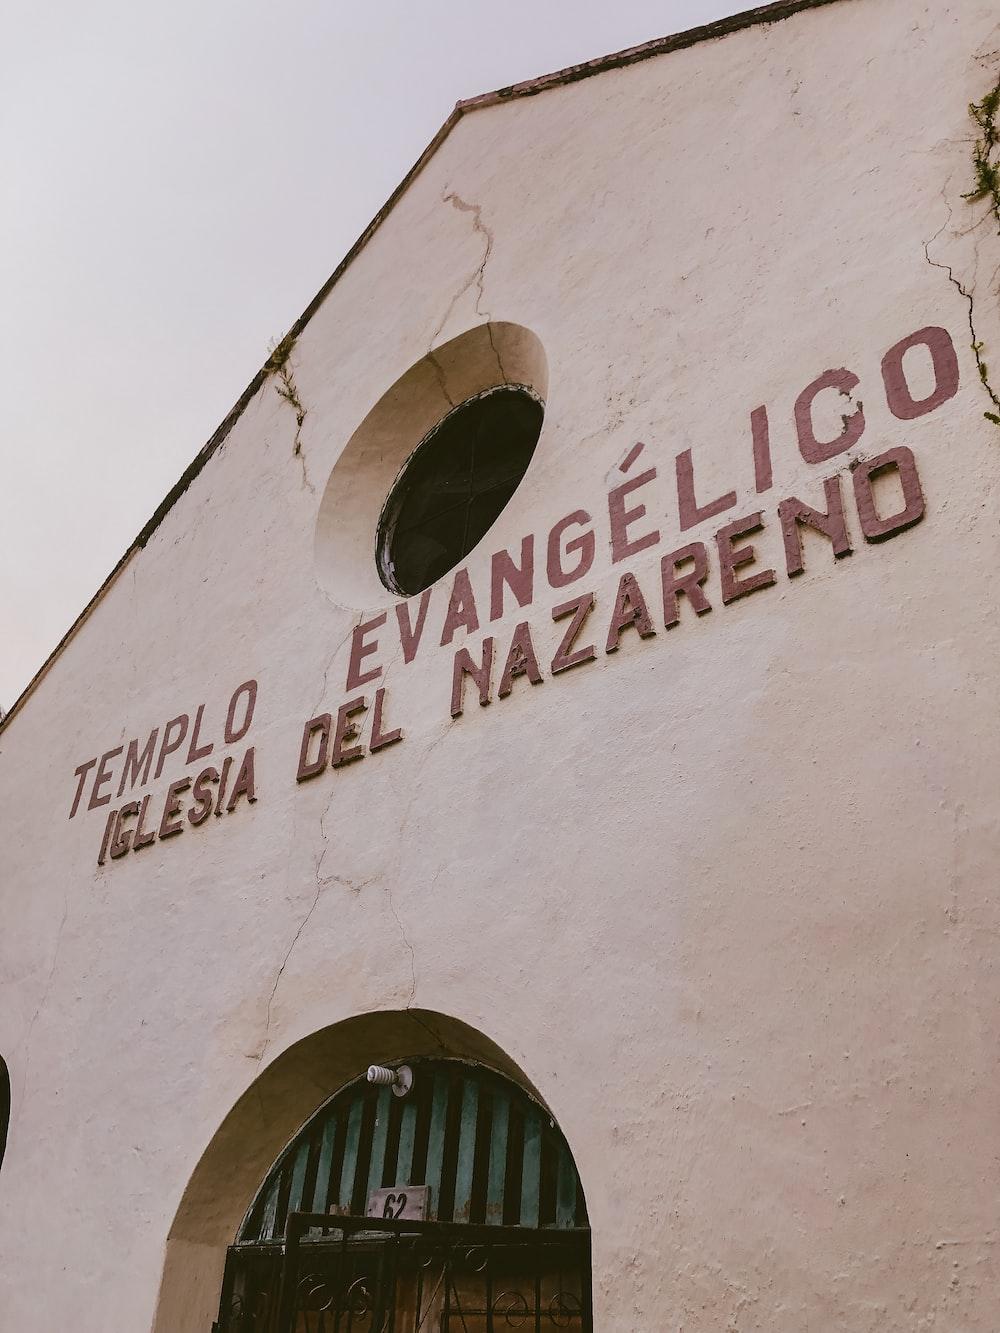 brown concrete Templo Evangelico Iglesia Del Nazareno church